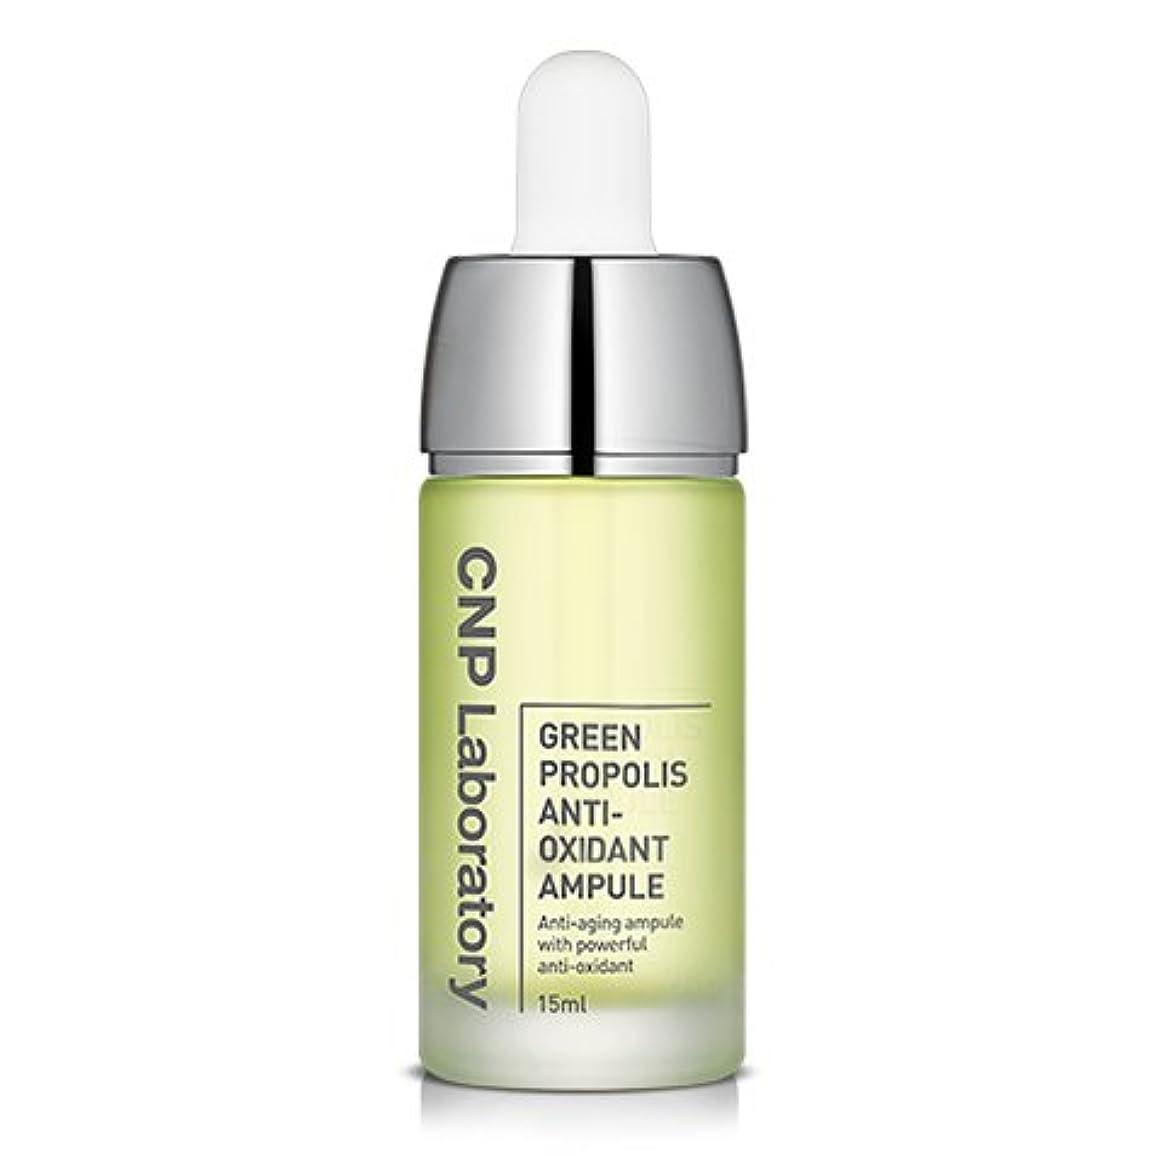 ハロウィン意味のある選択するCNP Laboratory グリーンプロポリス酸化防止剤アンプル/Green Propolis Anti-Oxidant Ampule 15ml [並行輸入品]